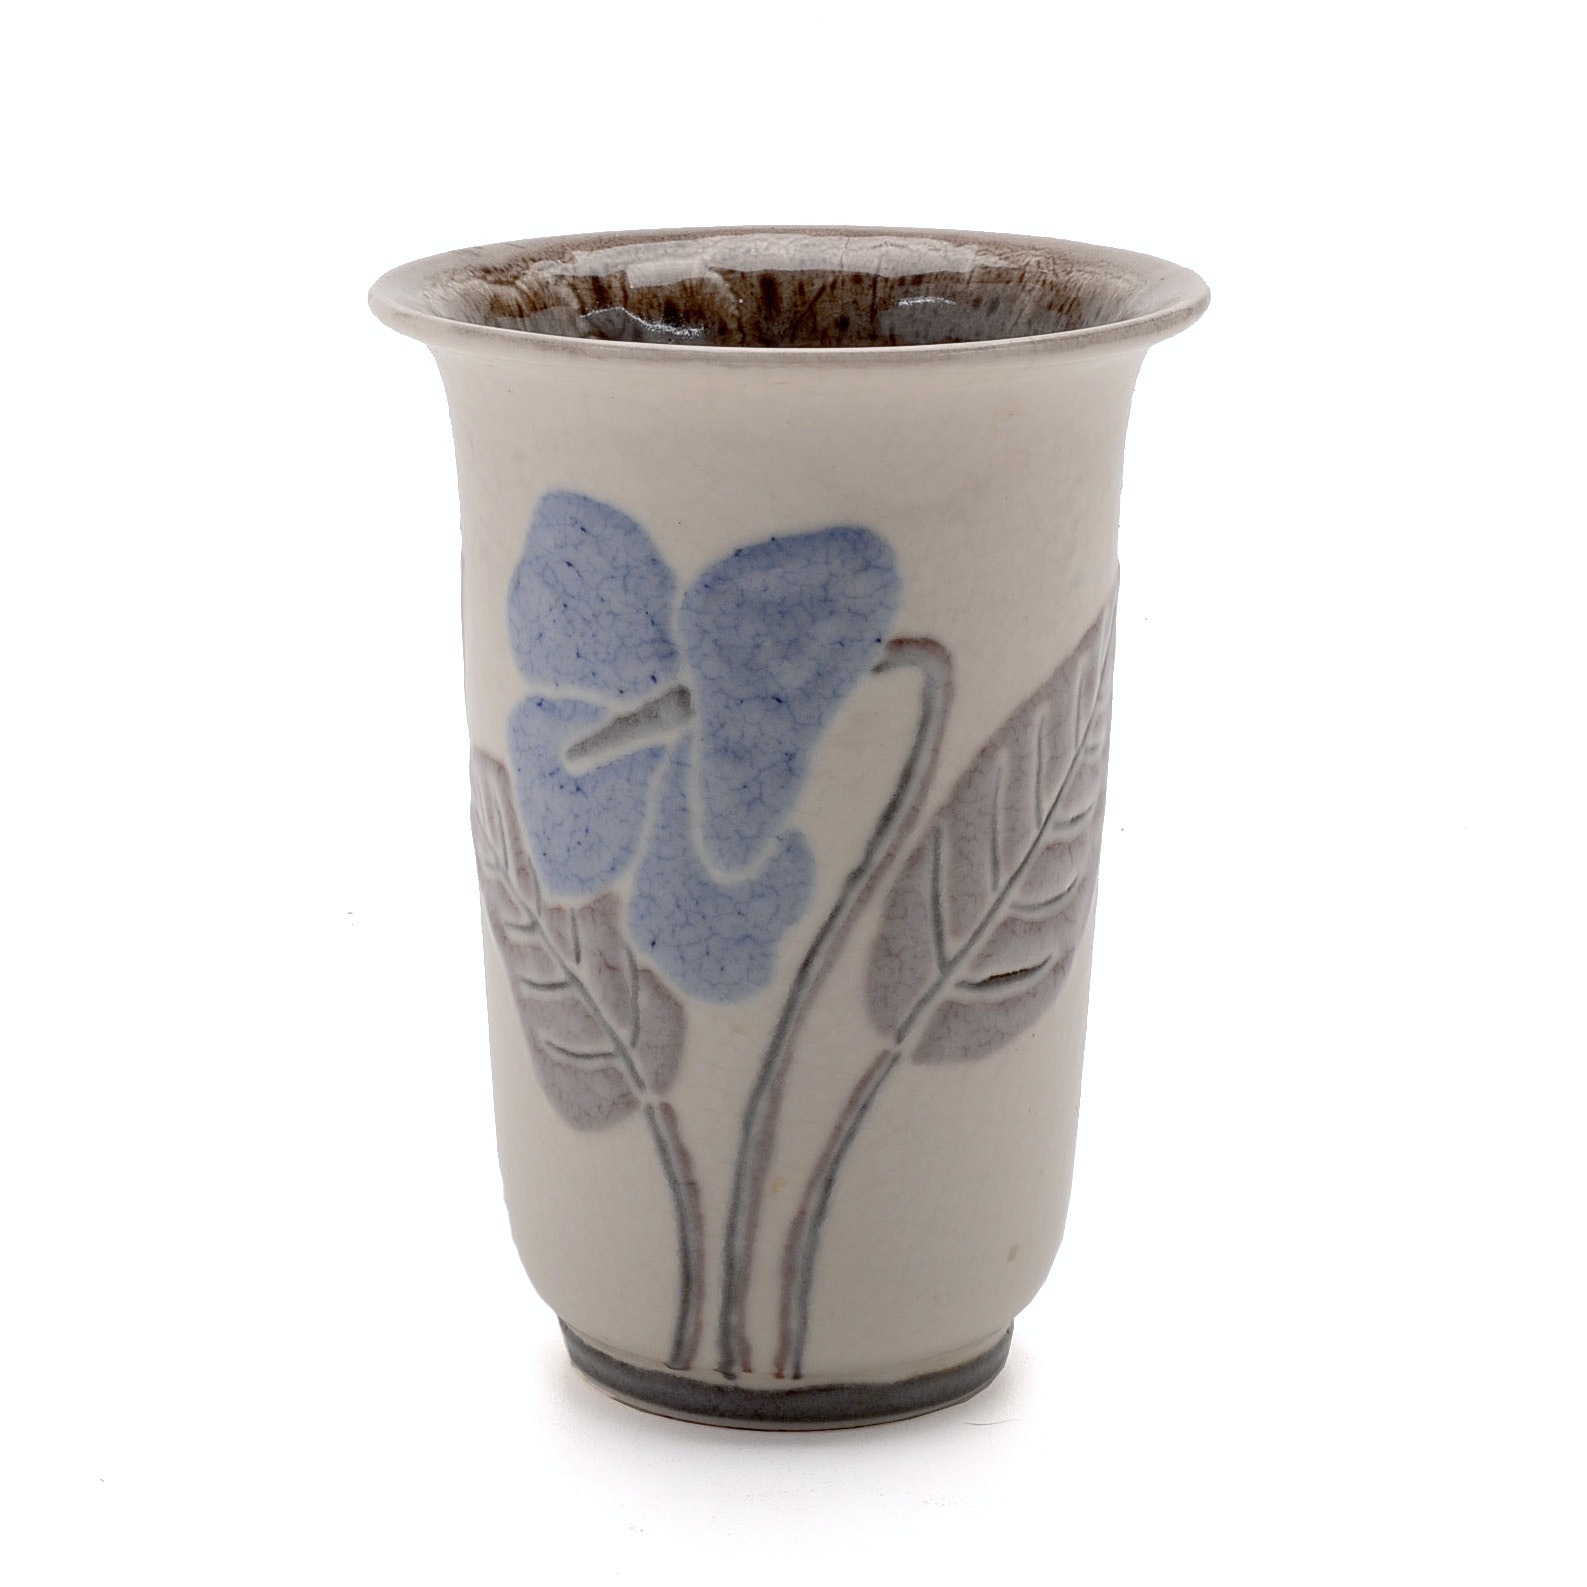 1944 Rookwood Pottery Floral Vase Ebth